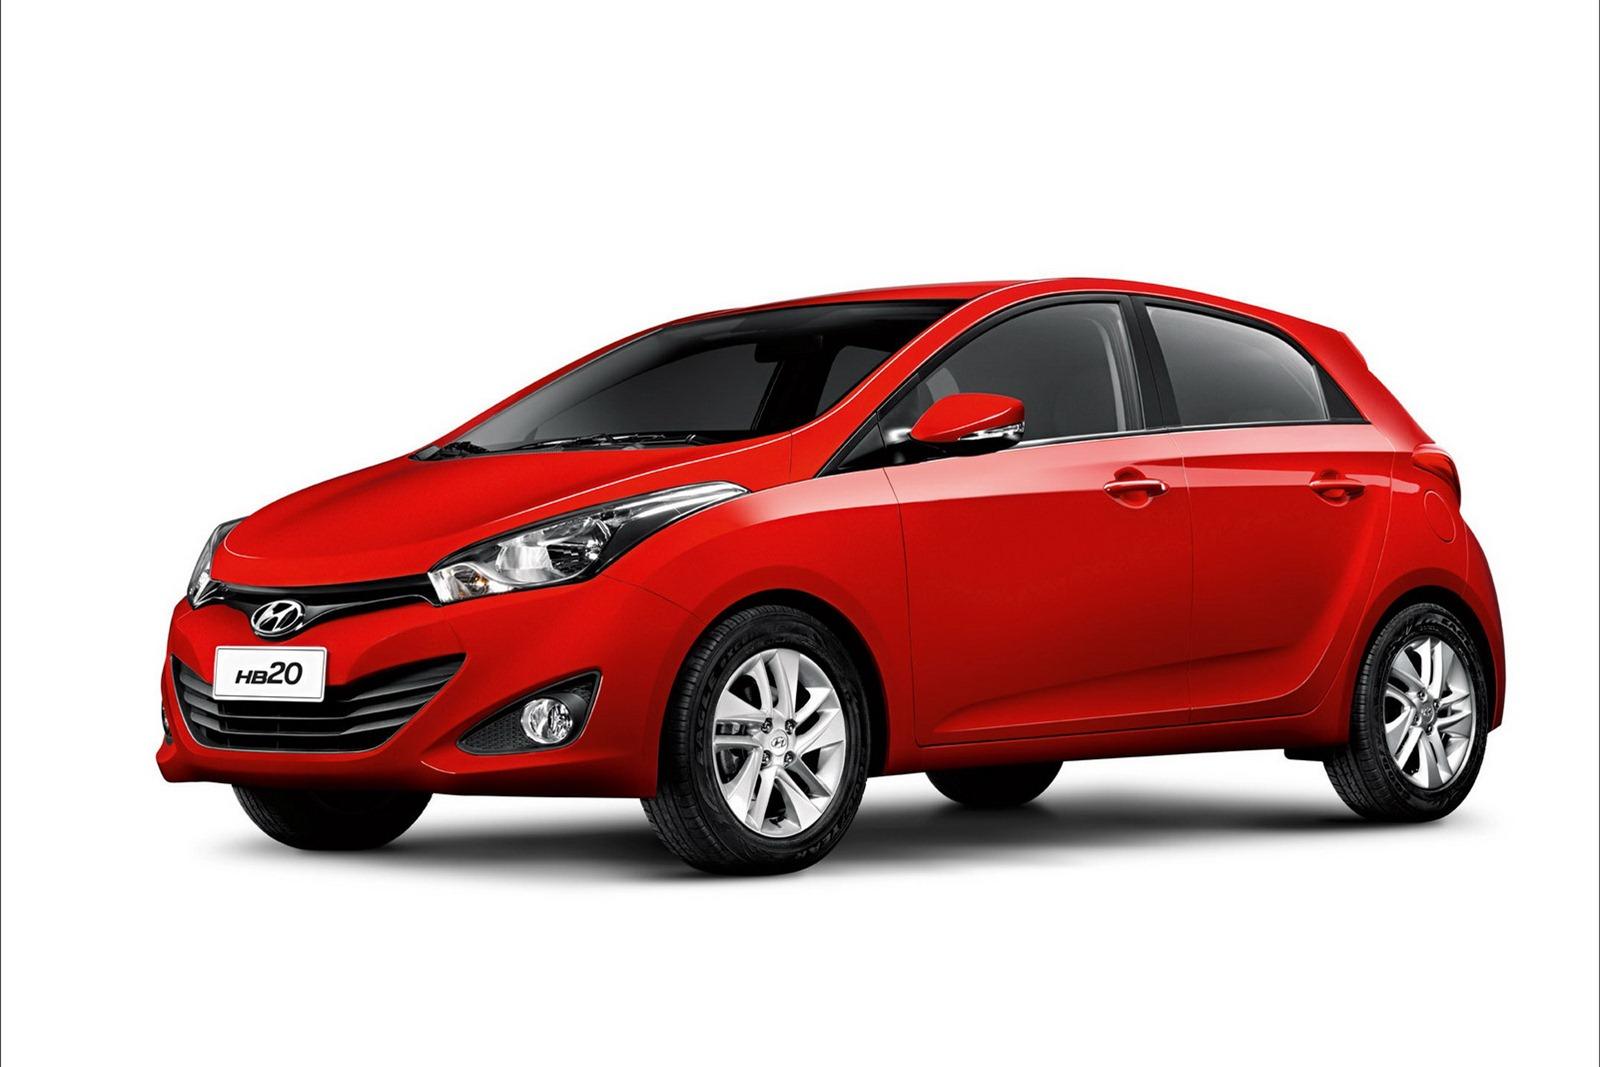 Hyundai Sports Car